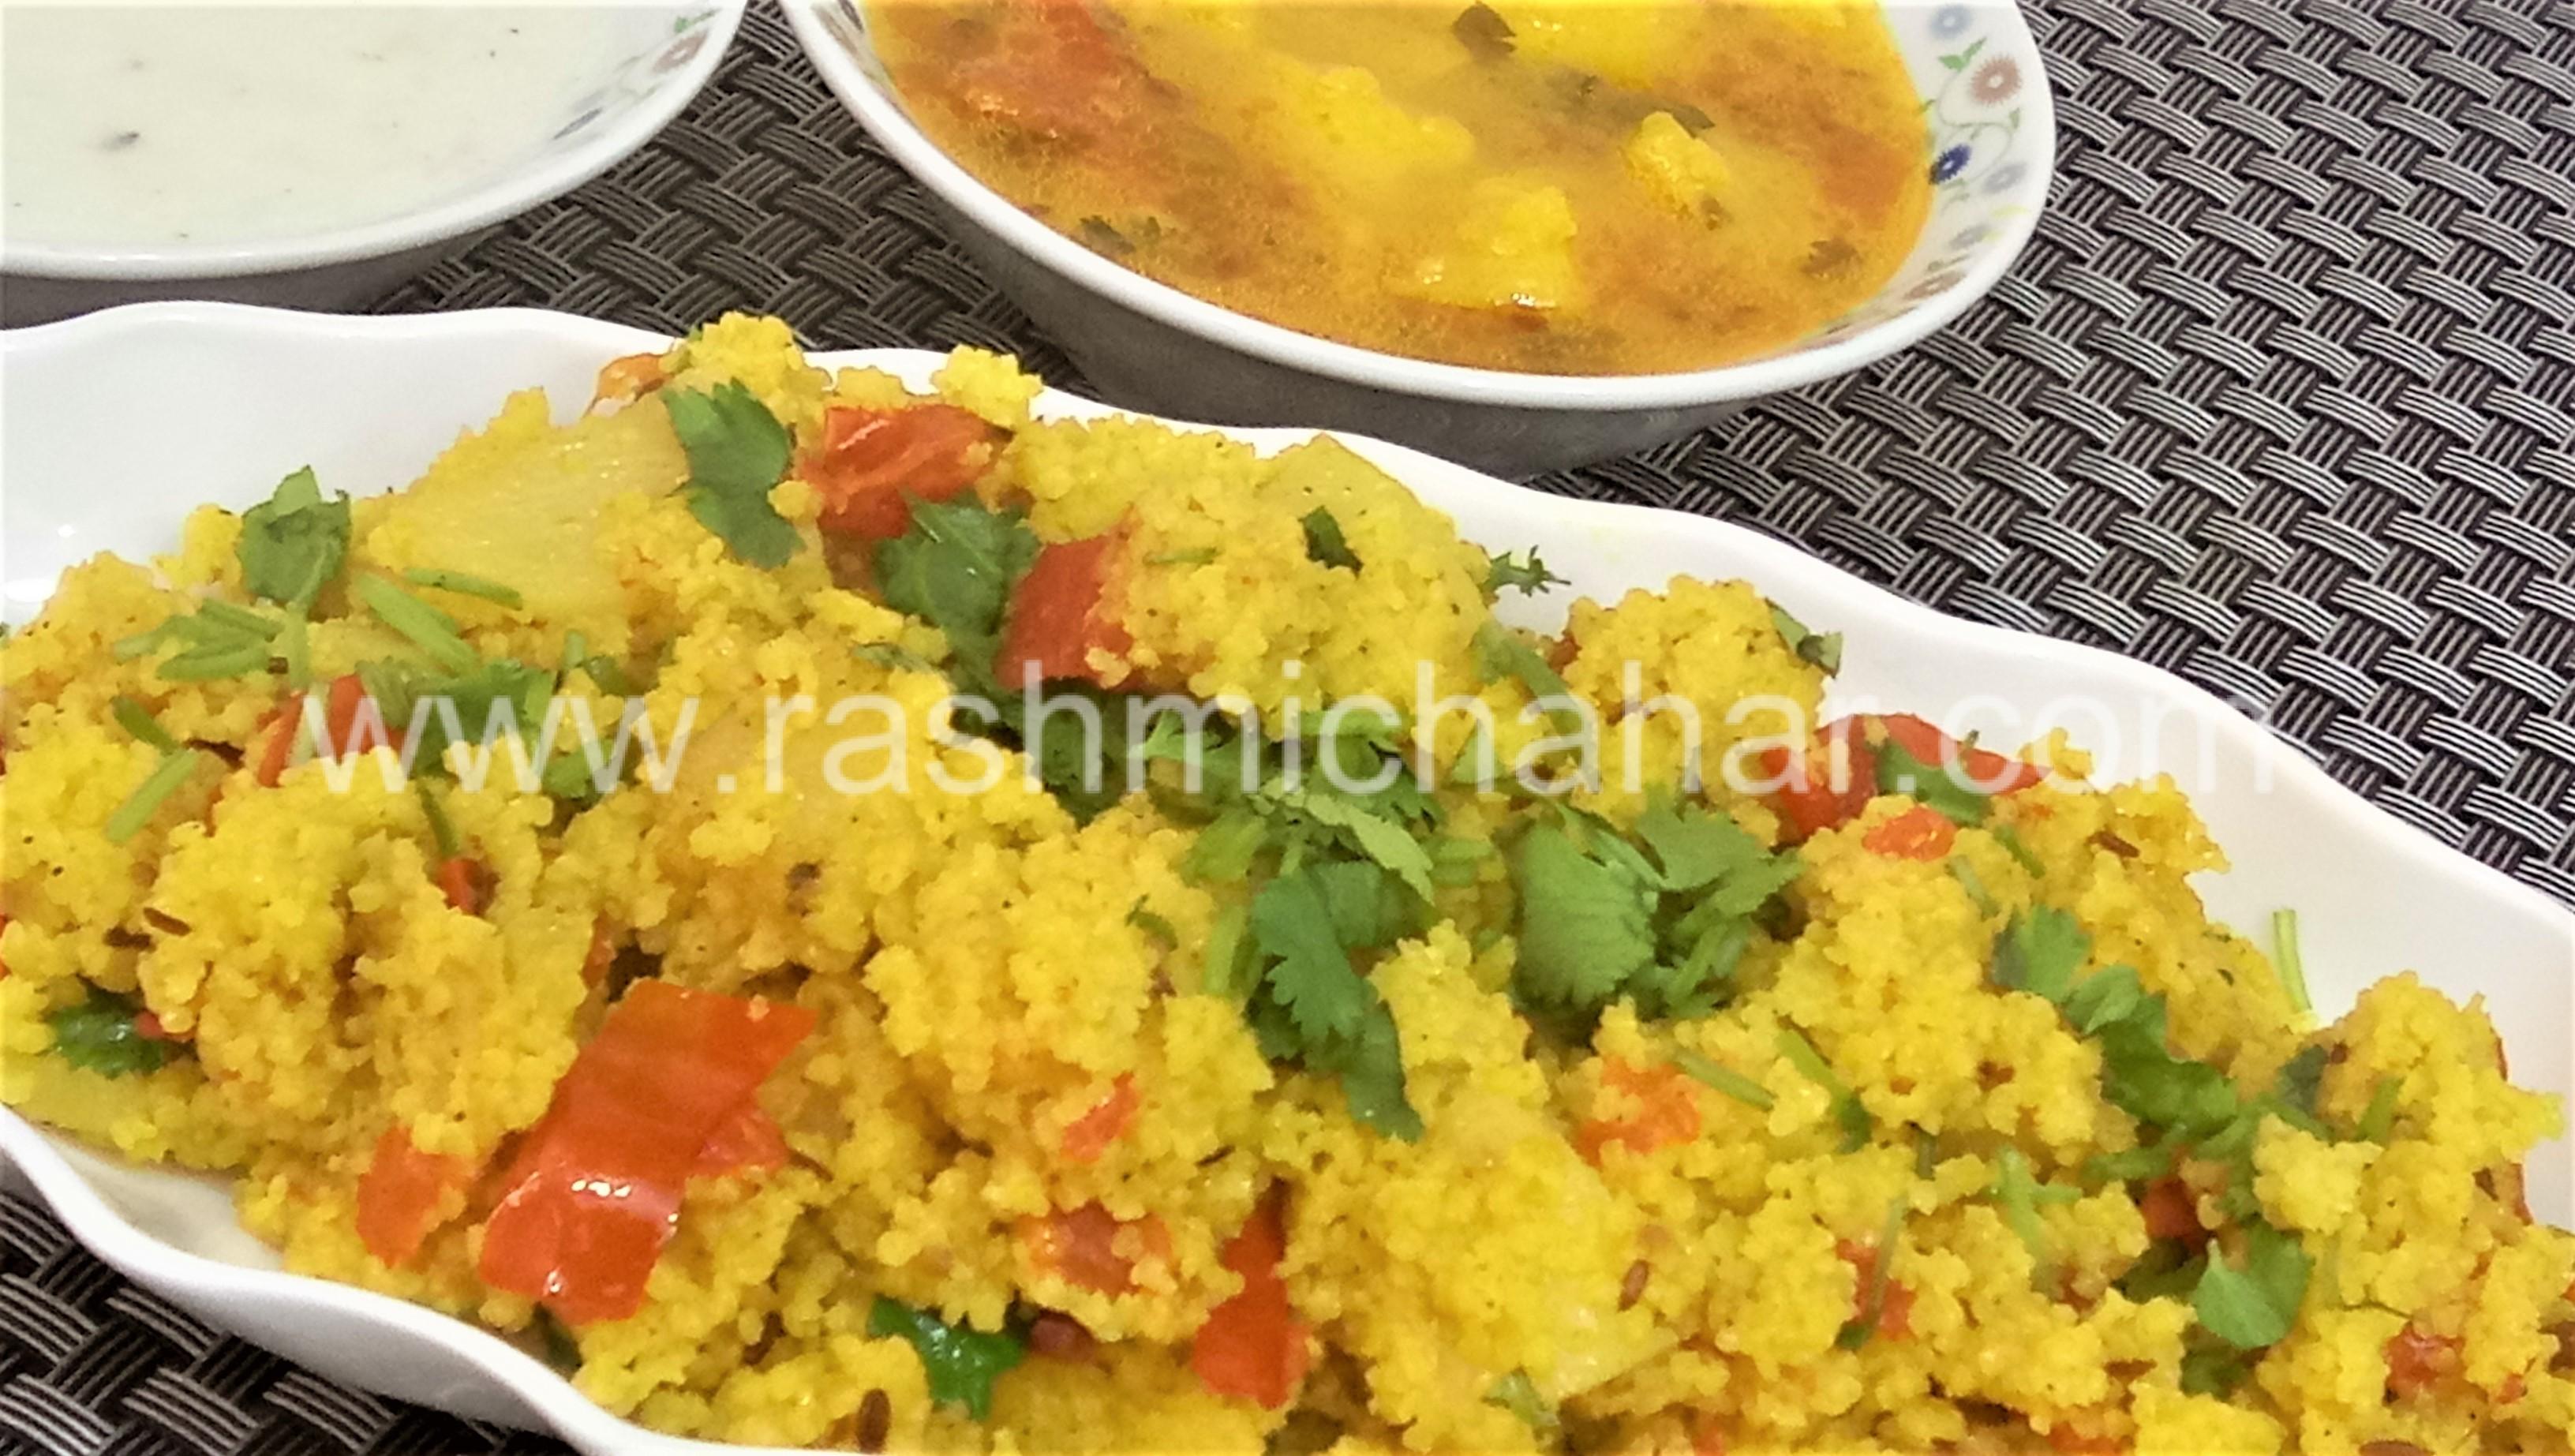 सवां के चावल का पुलाव | Samvat Rice Pulao | Vrat Rice Recipe